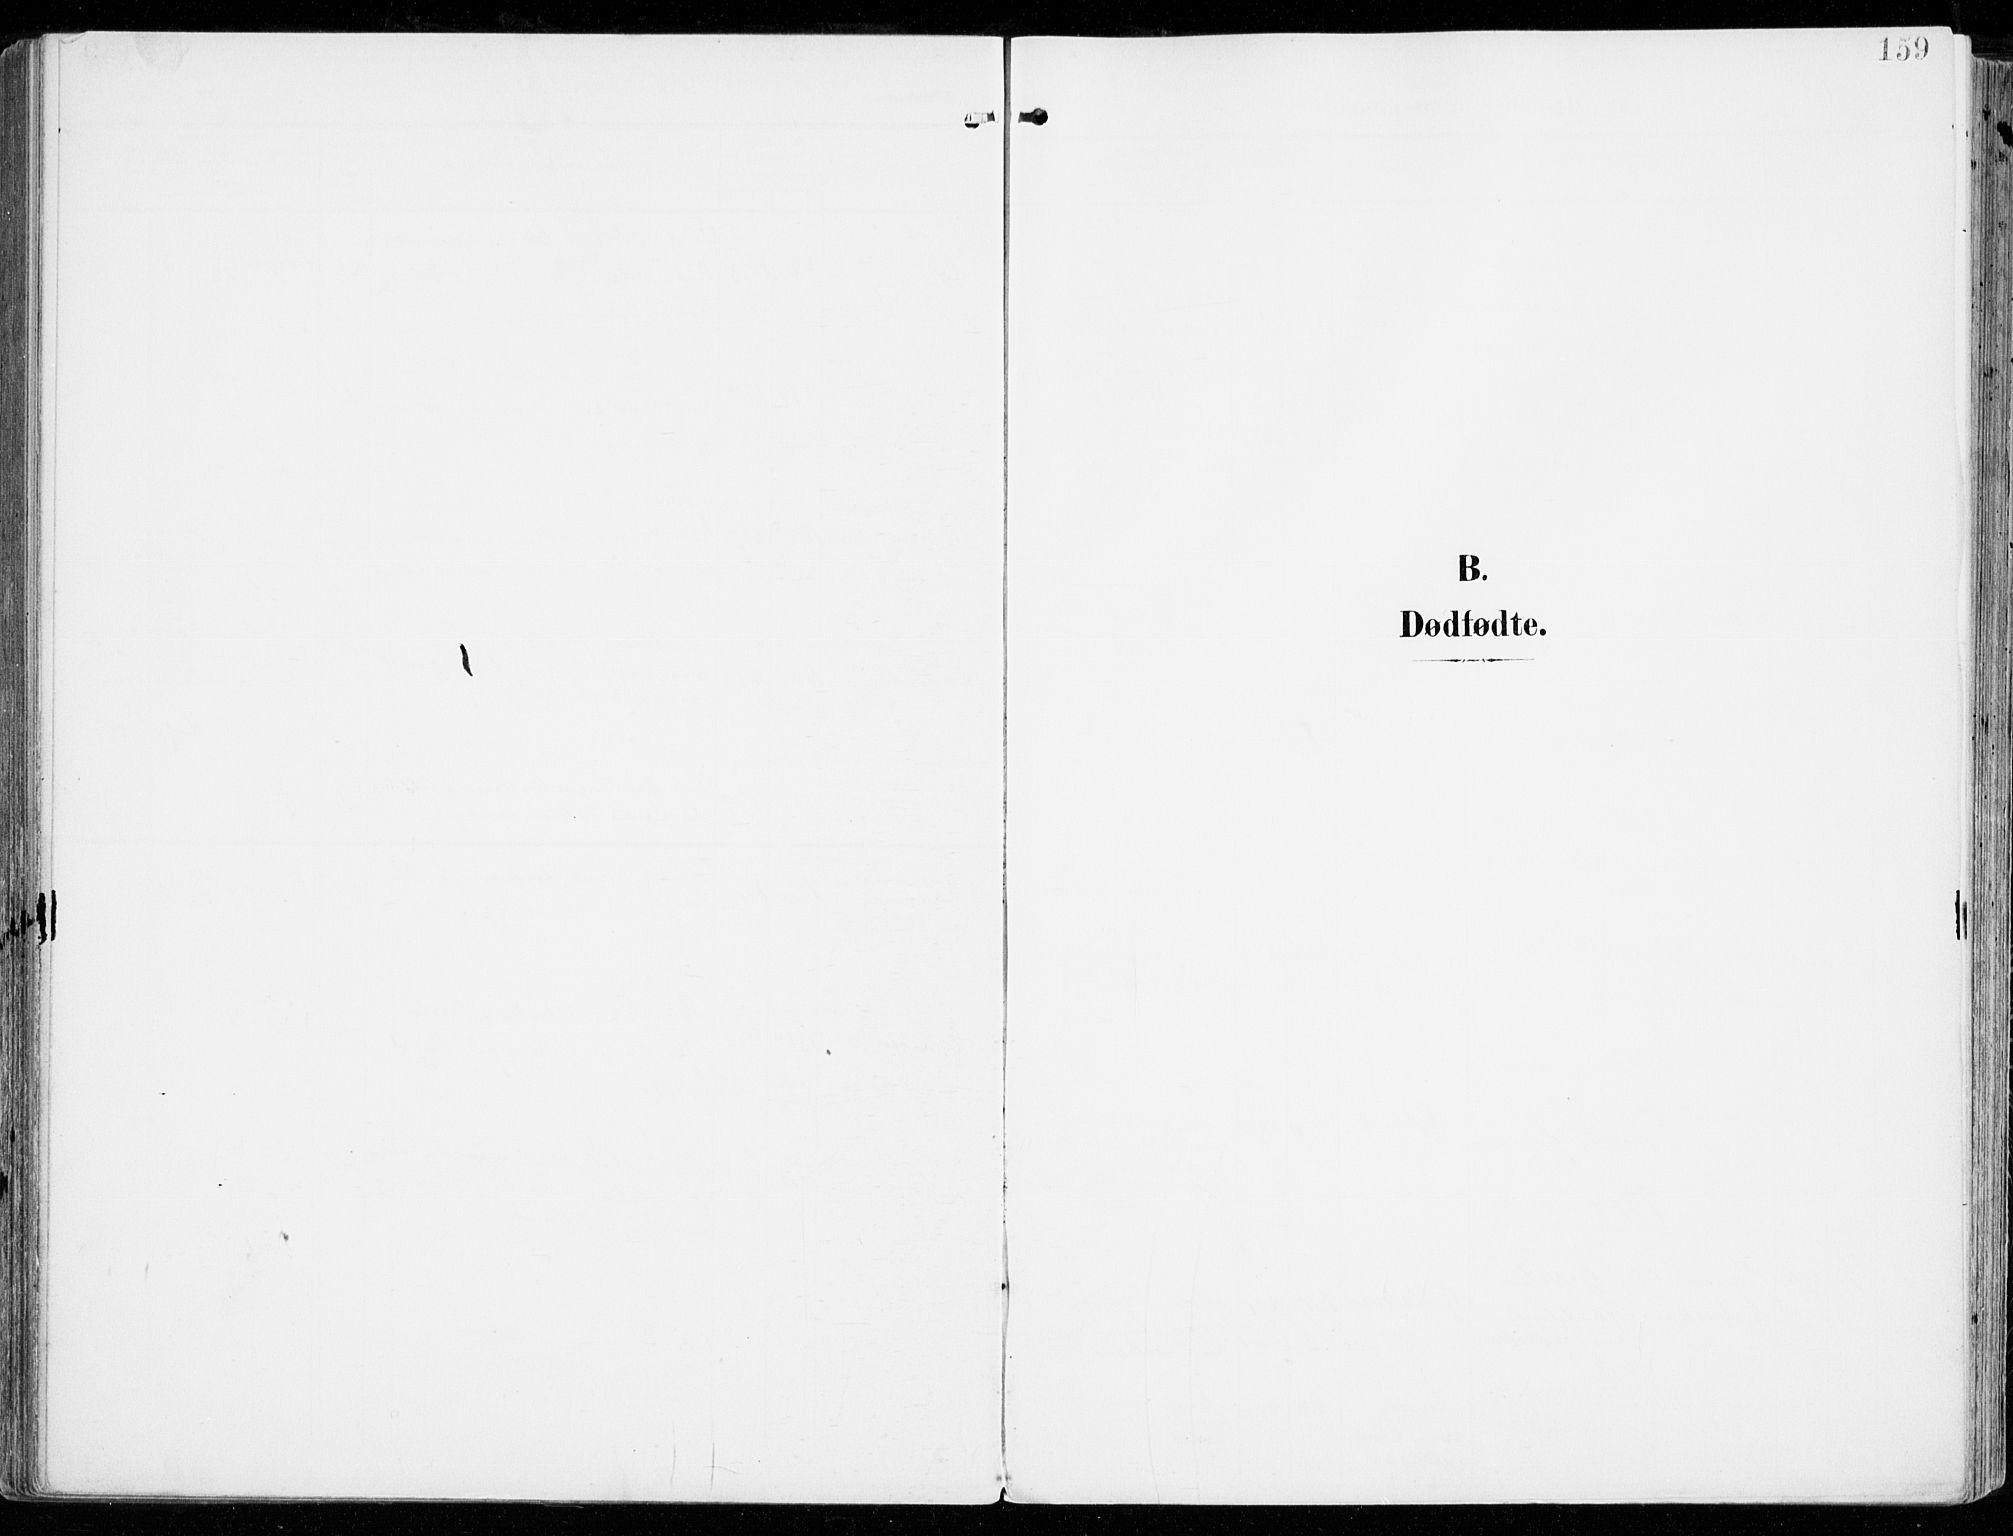 SAKO, Tjølling kirkebøker, F/Fa/L0010: Parish register (official) no. 10, 1906-1923, p. 159